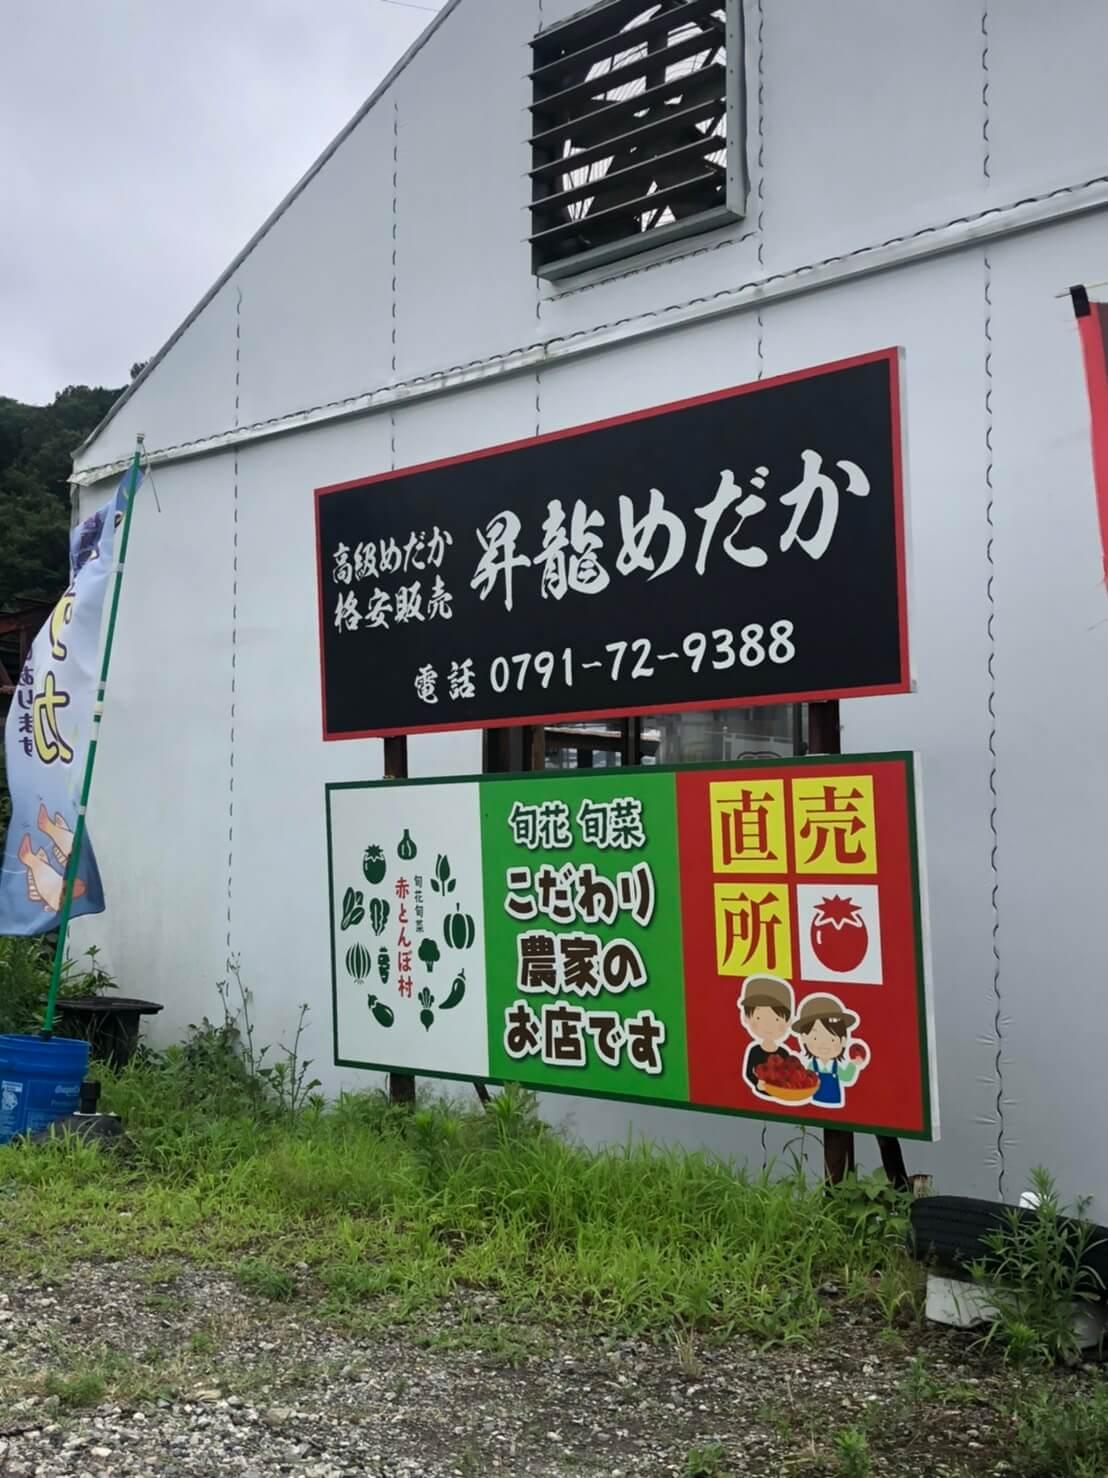 昇龍めだか(兵庫県たつの市のメダカ屋